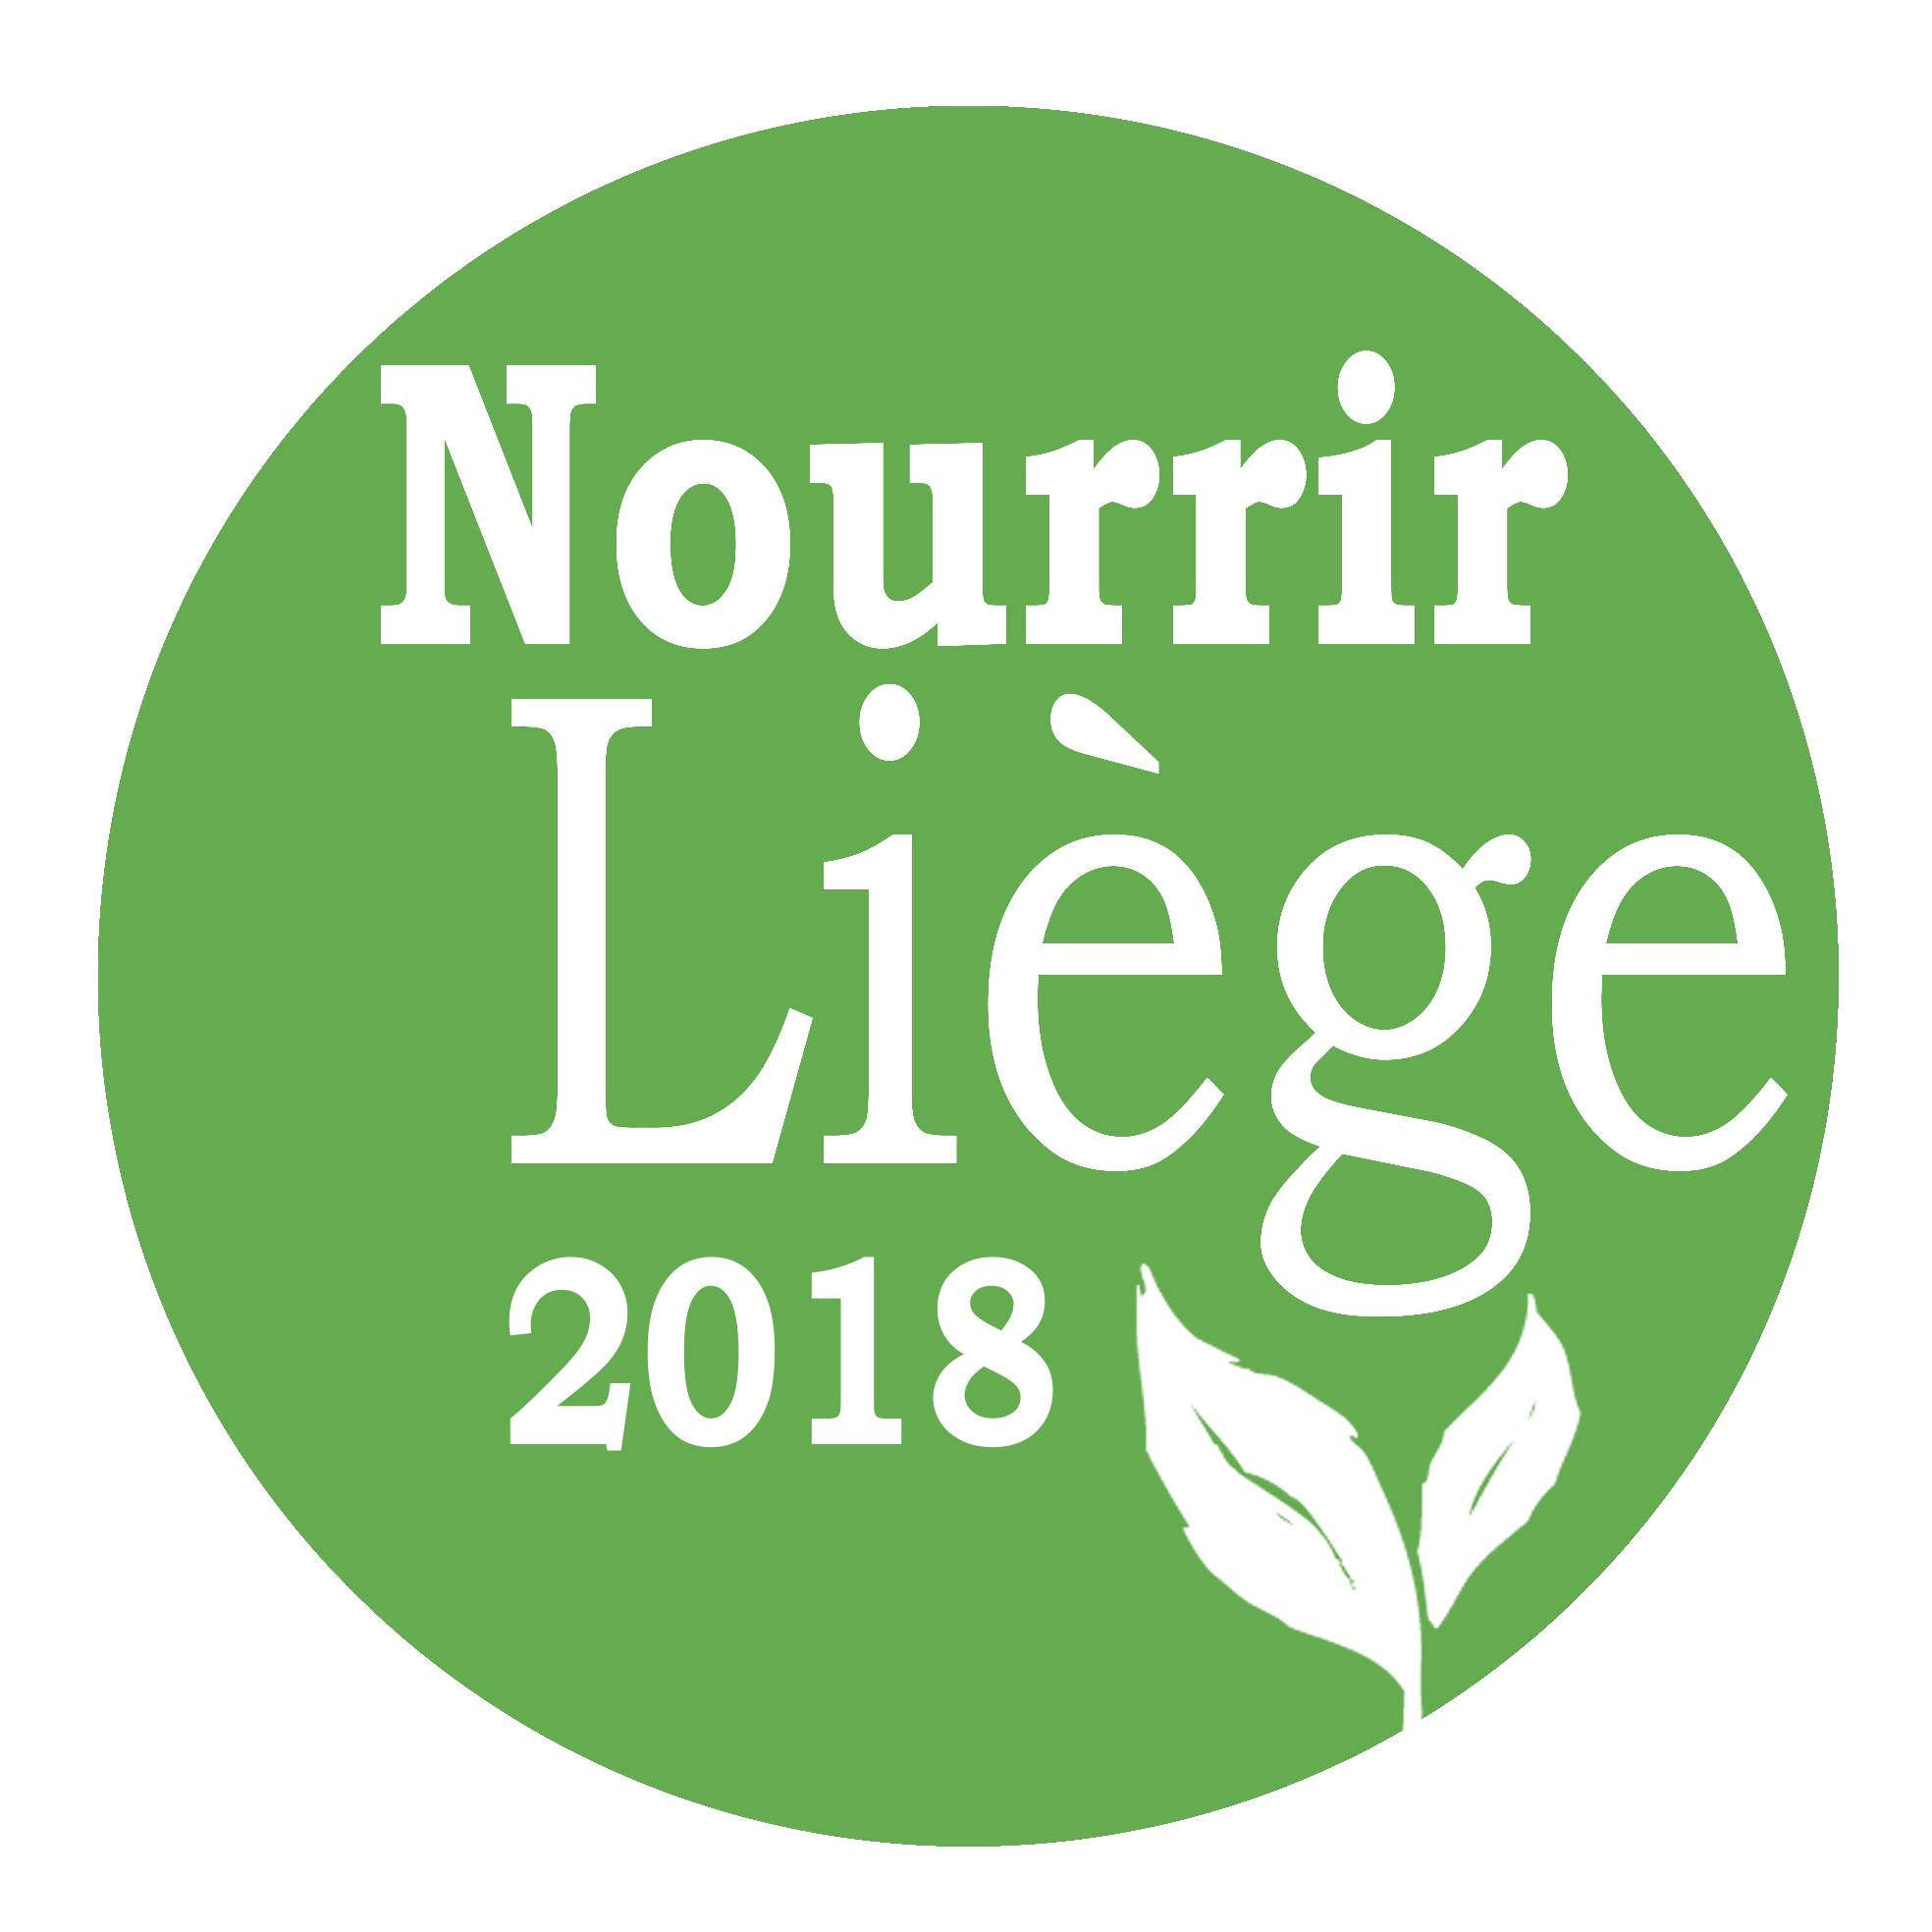 Nourrir Liège